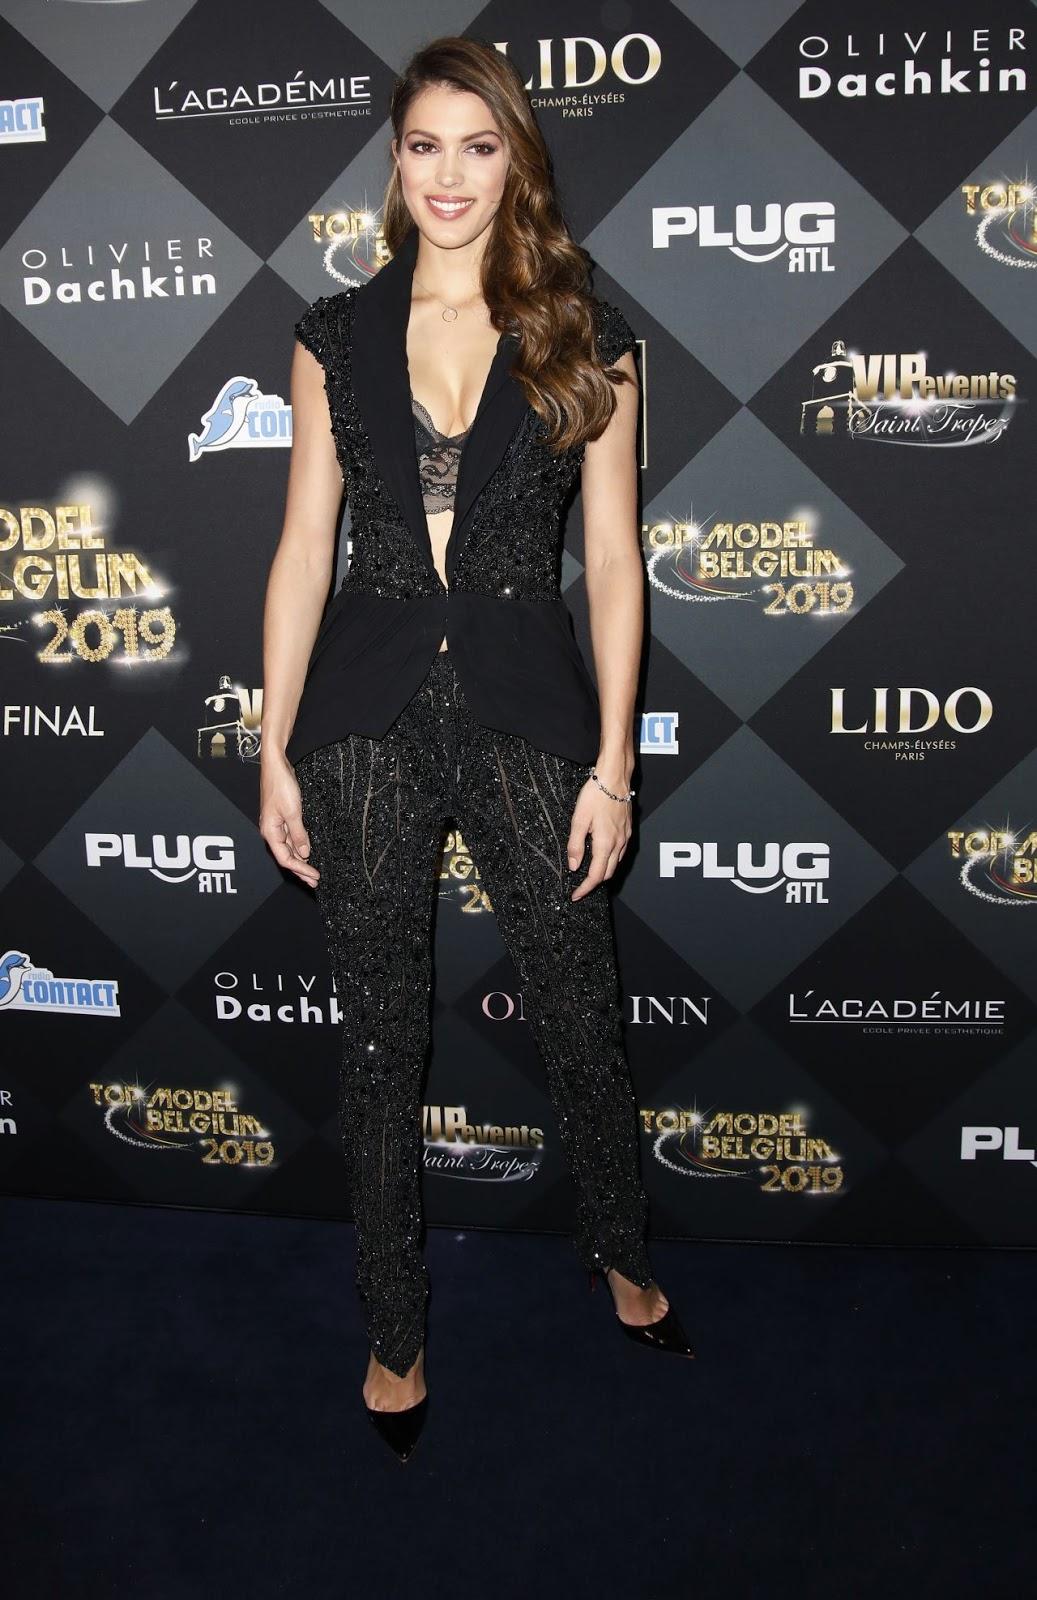 Iris Mittenaere - 2019 Top Model Belgium Event in Paris - 02/03/2019